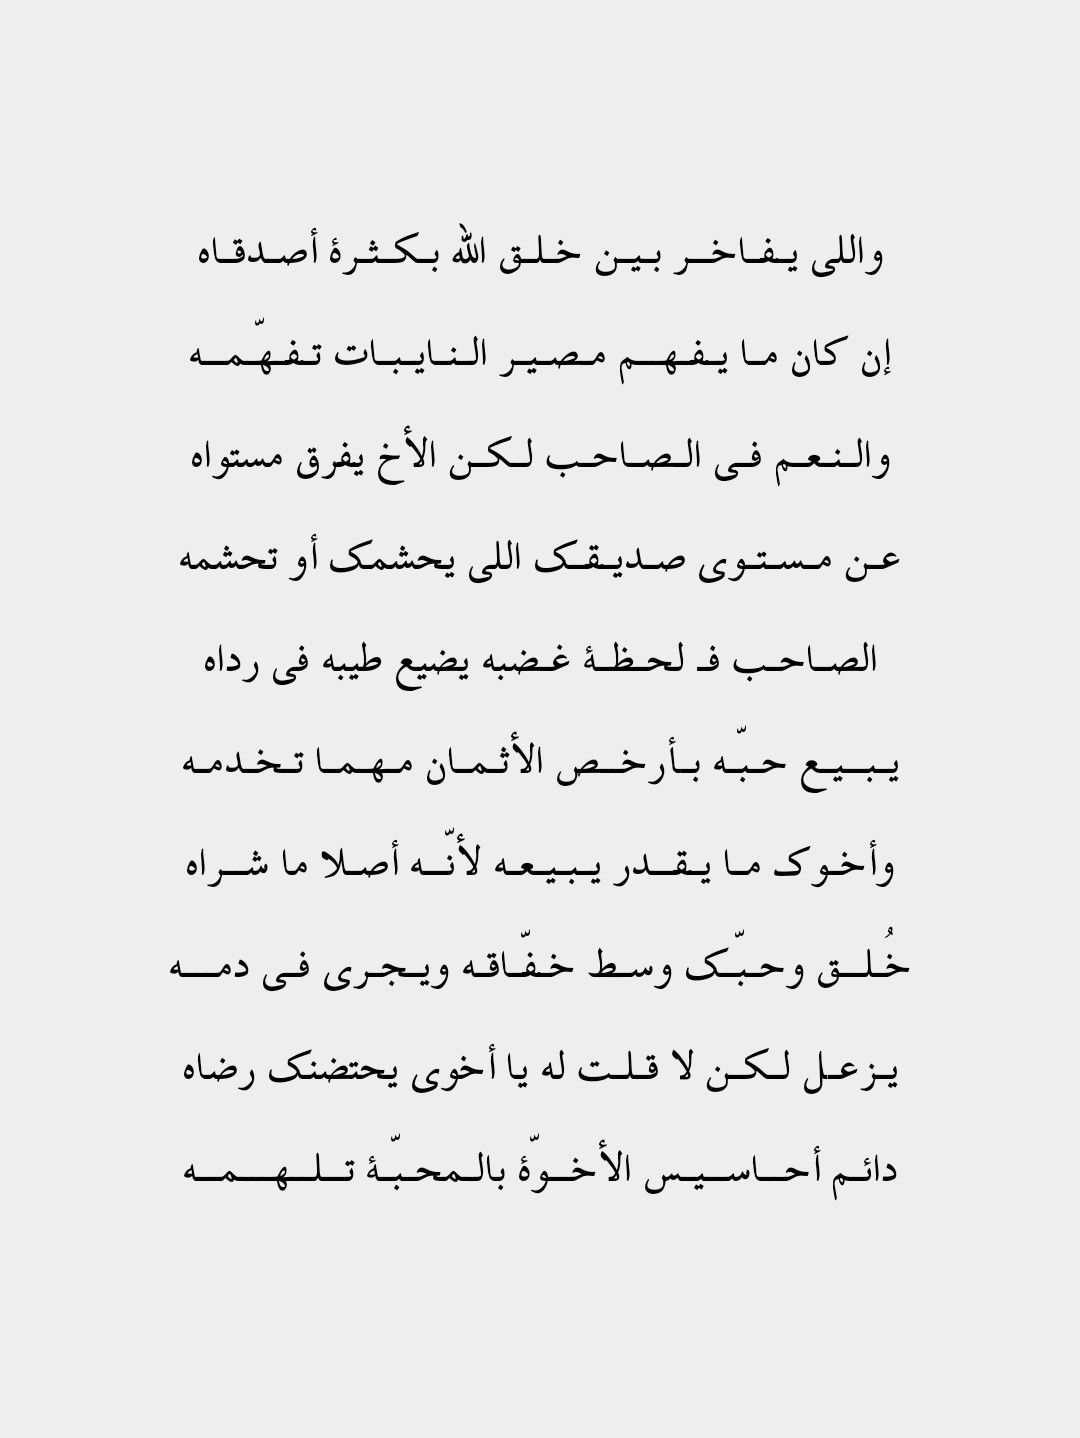 فزاع شعر فراق الاخ Words Quotes Quotes Arabic Quotes